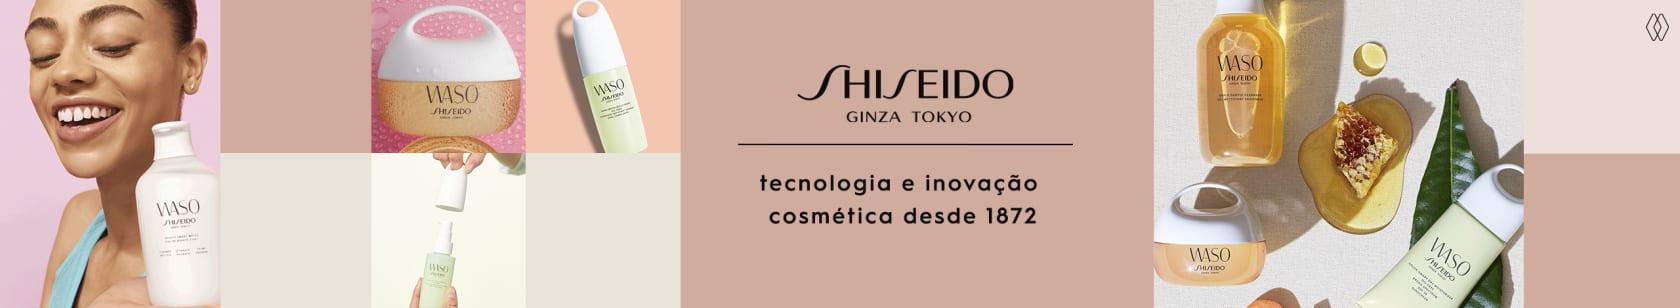 SHISEIDO | AMARO